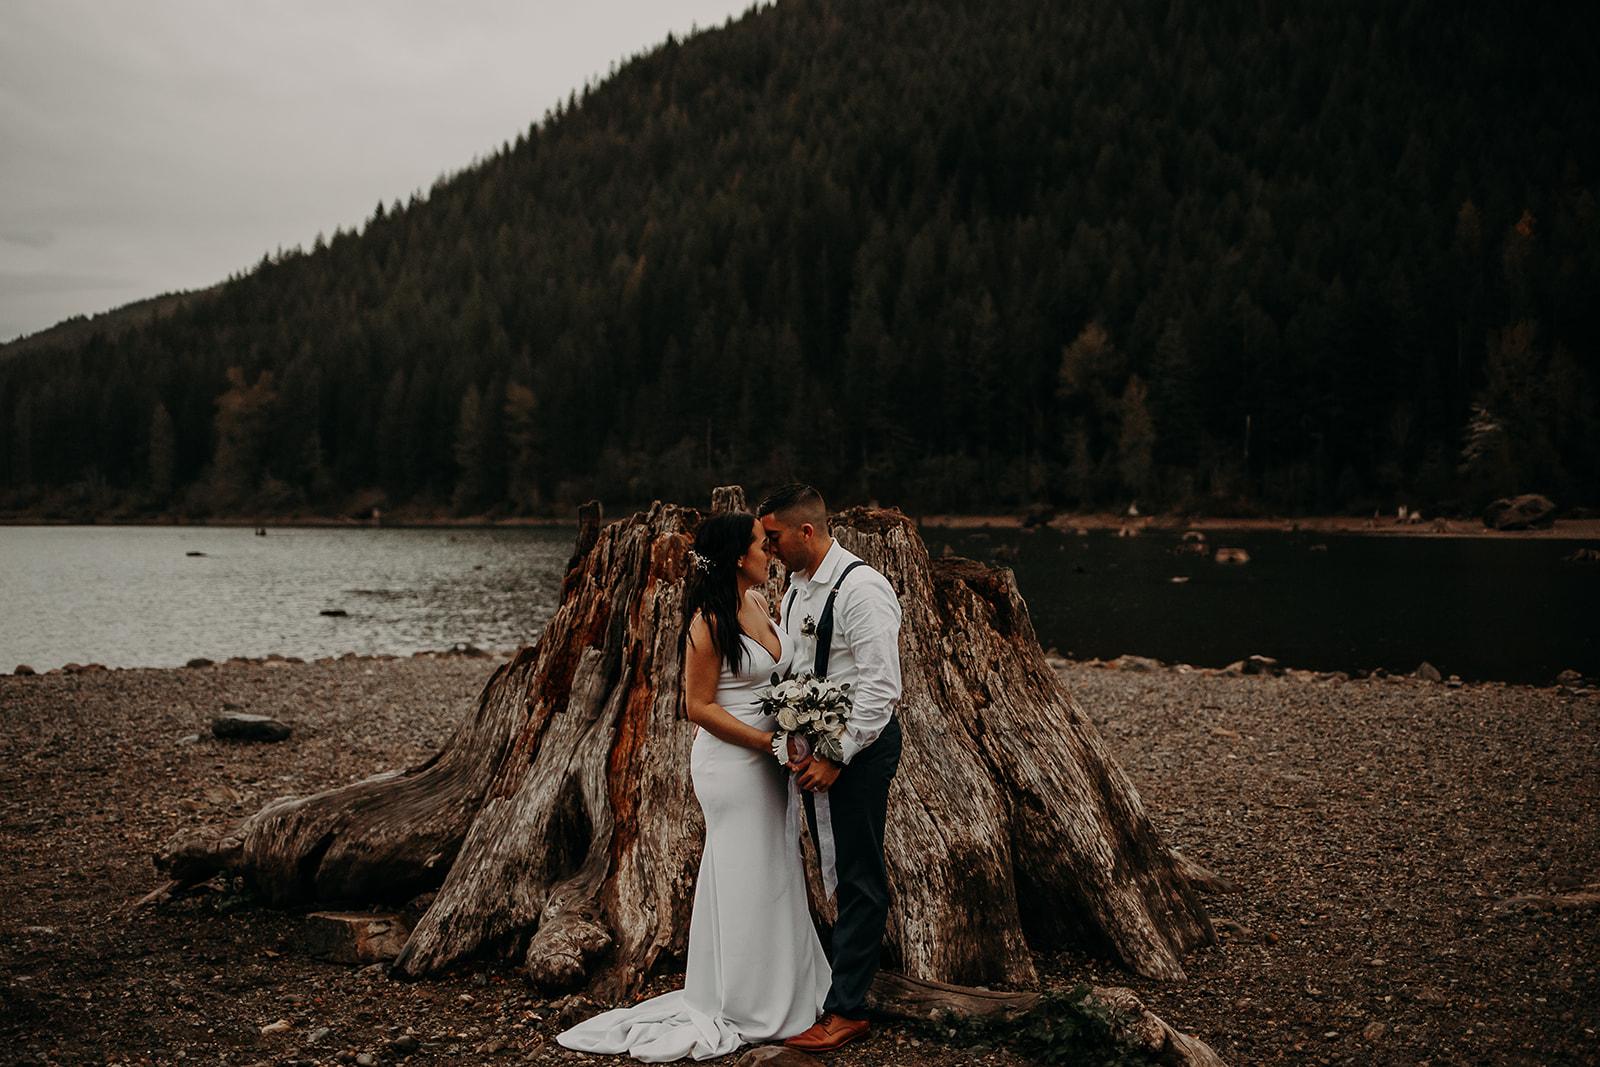 winter-mountain-elopement-asheville-wedding-photographer-megan-gallagher-photographer (83).jpg